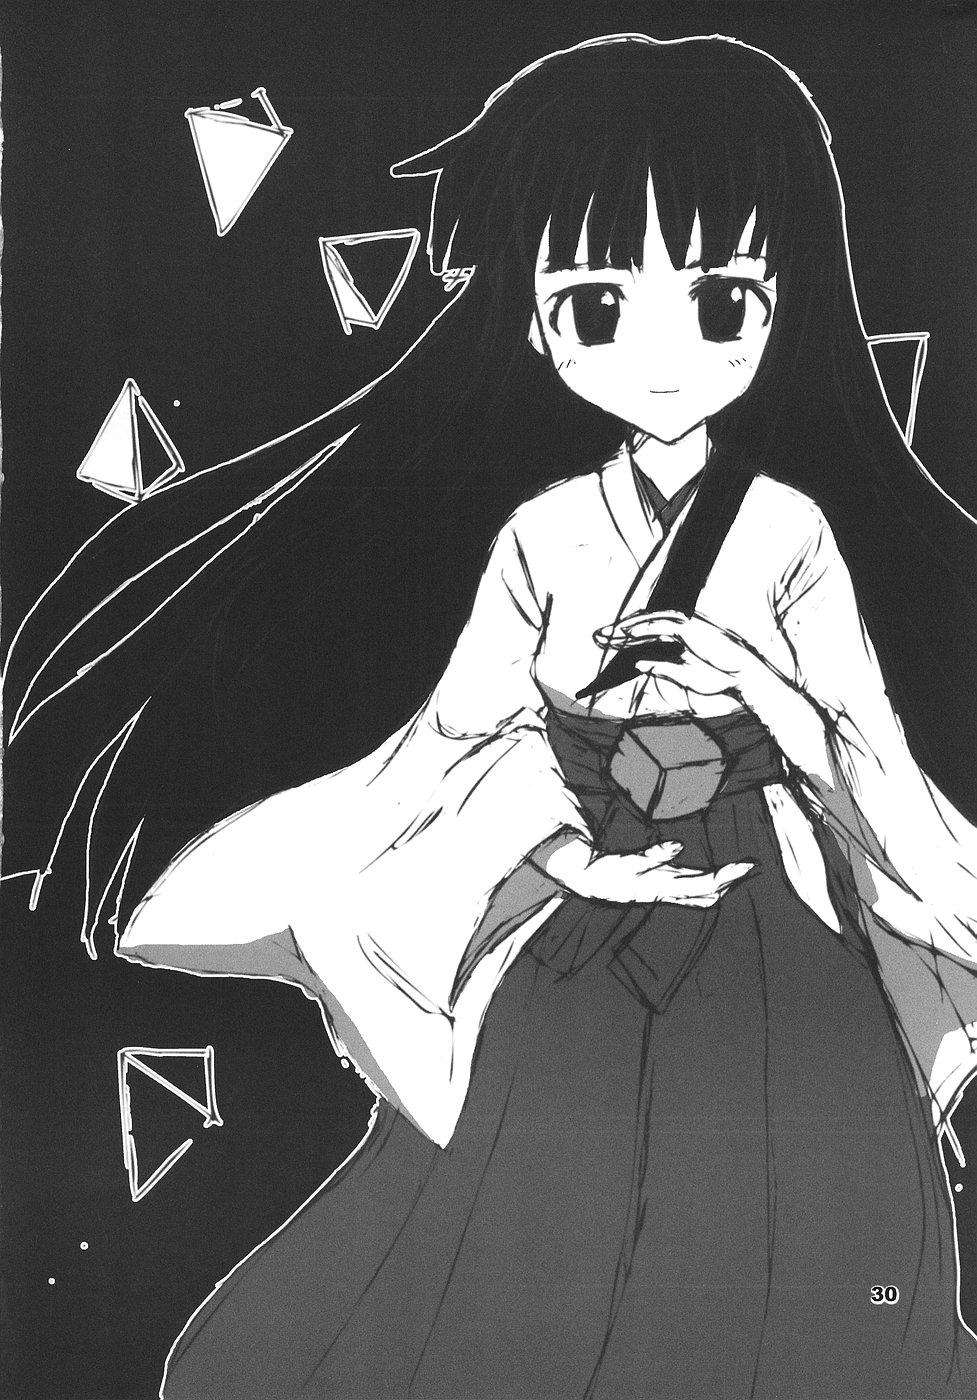 Higurashi no Koe, Ima wa Tae 28